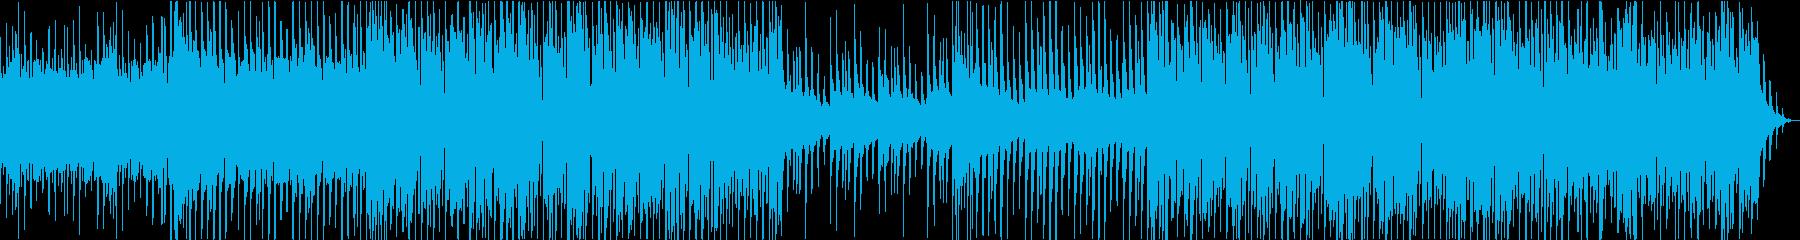 風流な雰囲気を表現したHouse BGMの再生済みの波形